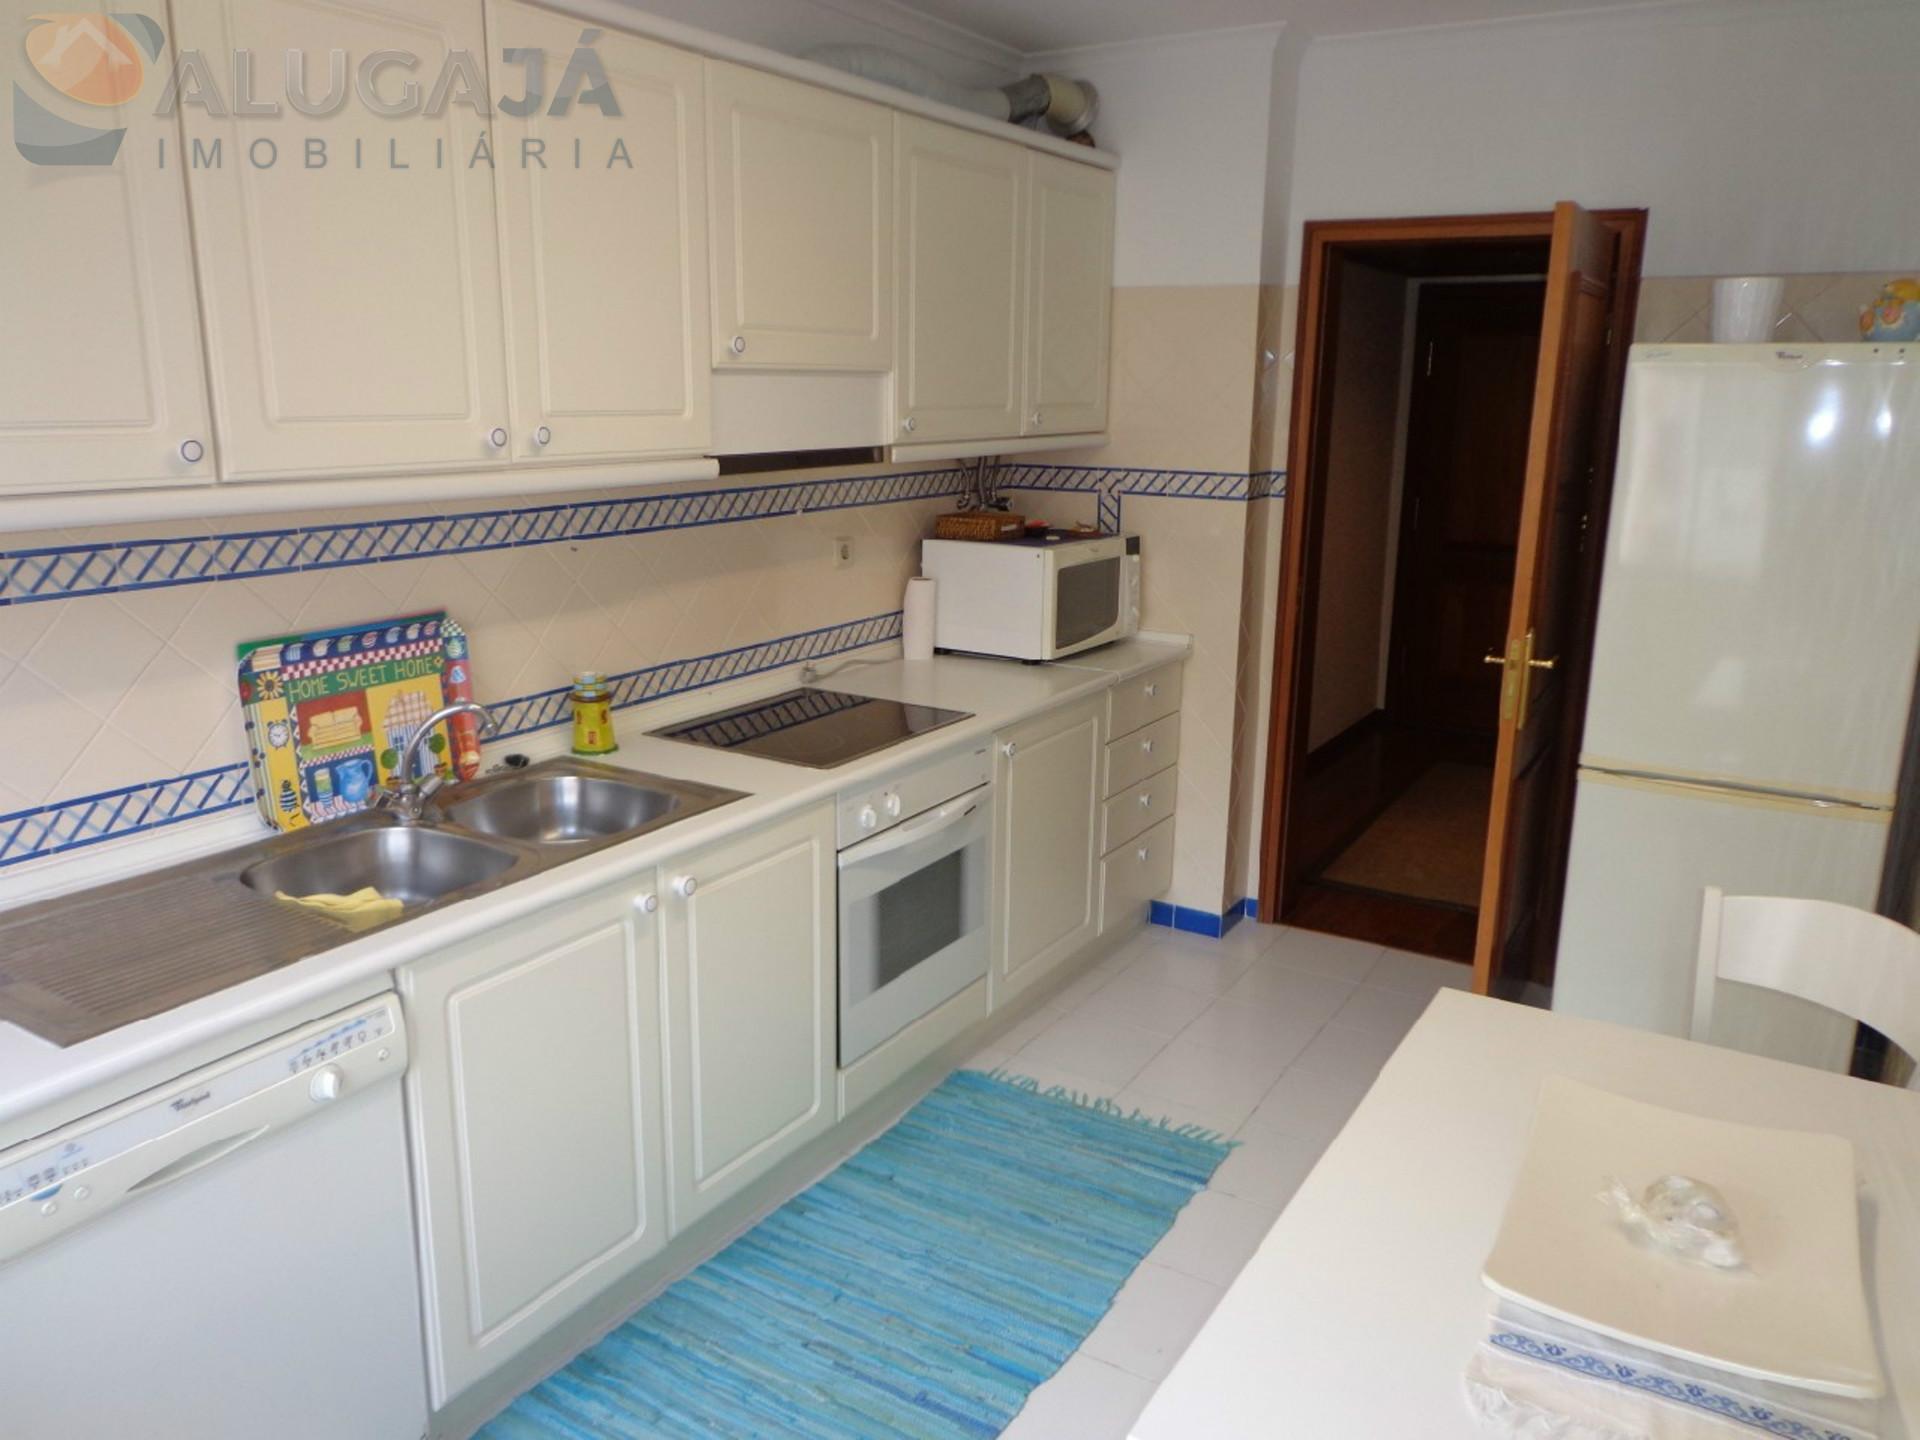 Apartamento T2 em São Marcos com boas áreas, perto do Pingo Doce